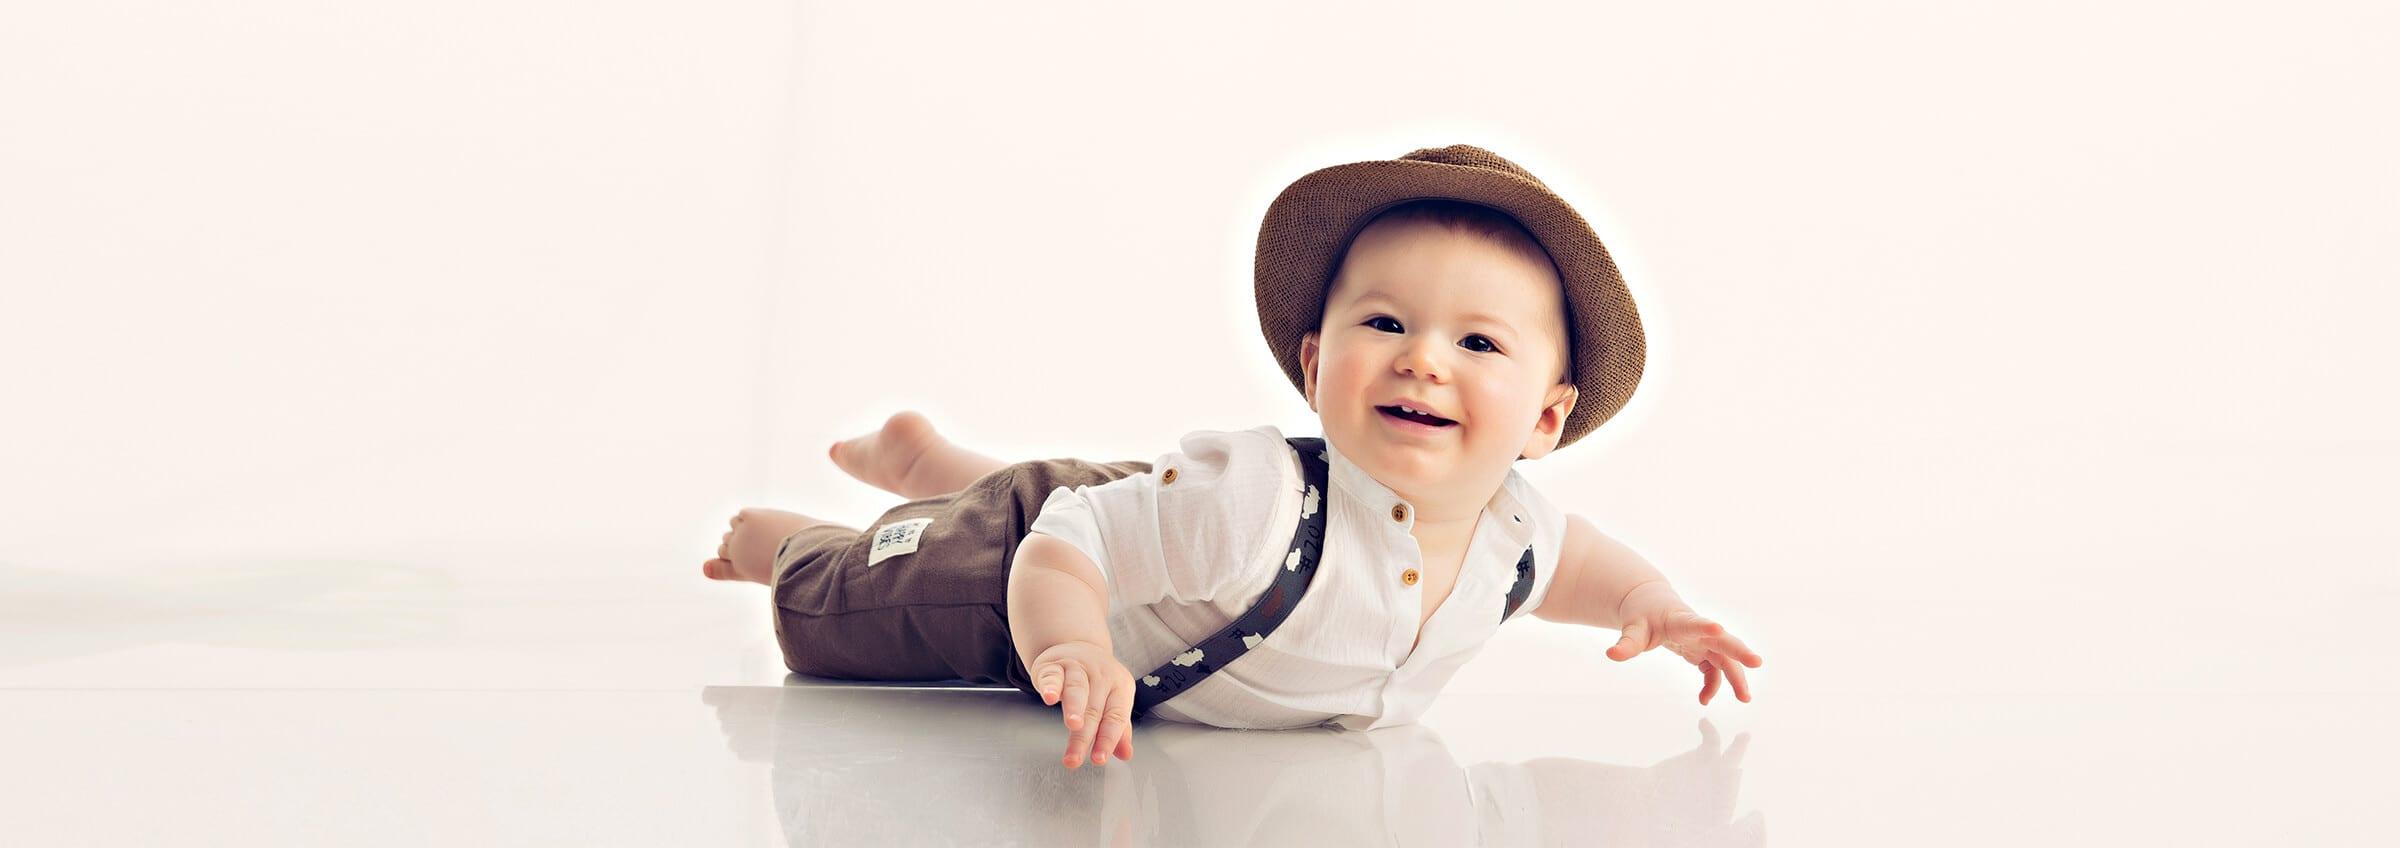 BabyShooting bei Fotostudio Bergmann in Muenchen